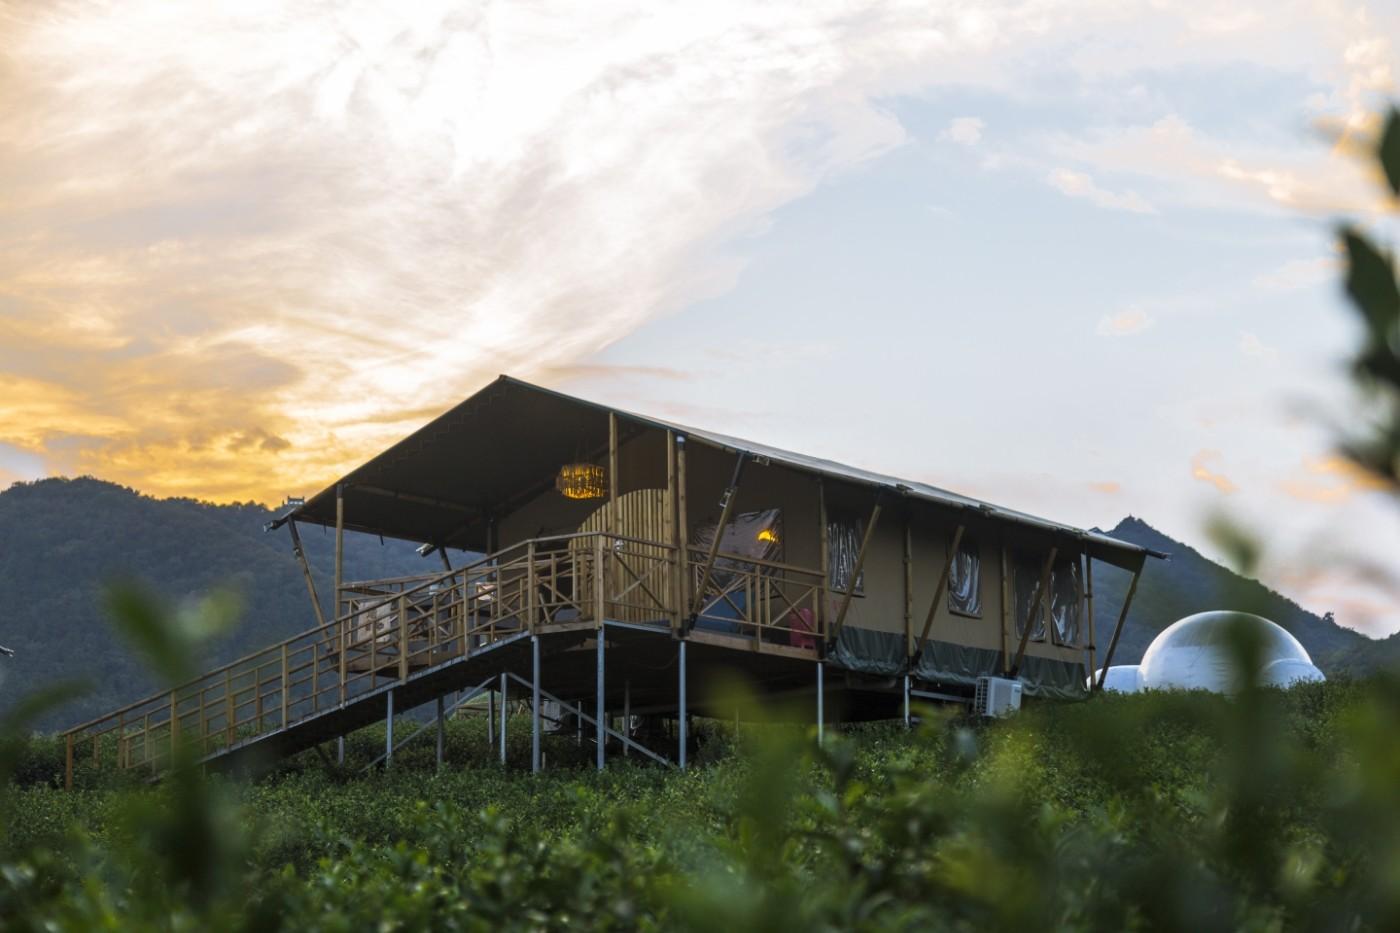 喜马拉雅野奢帐篷酒店—宝盛园夜色16